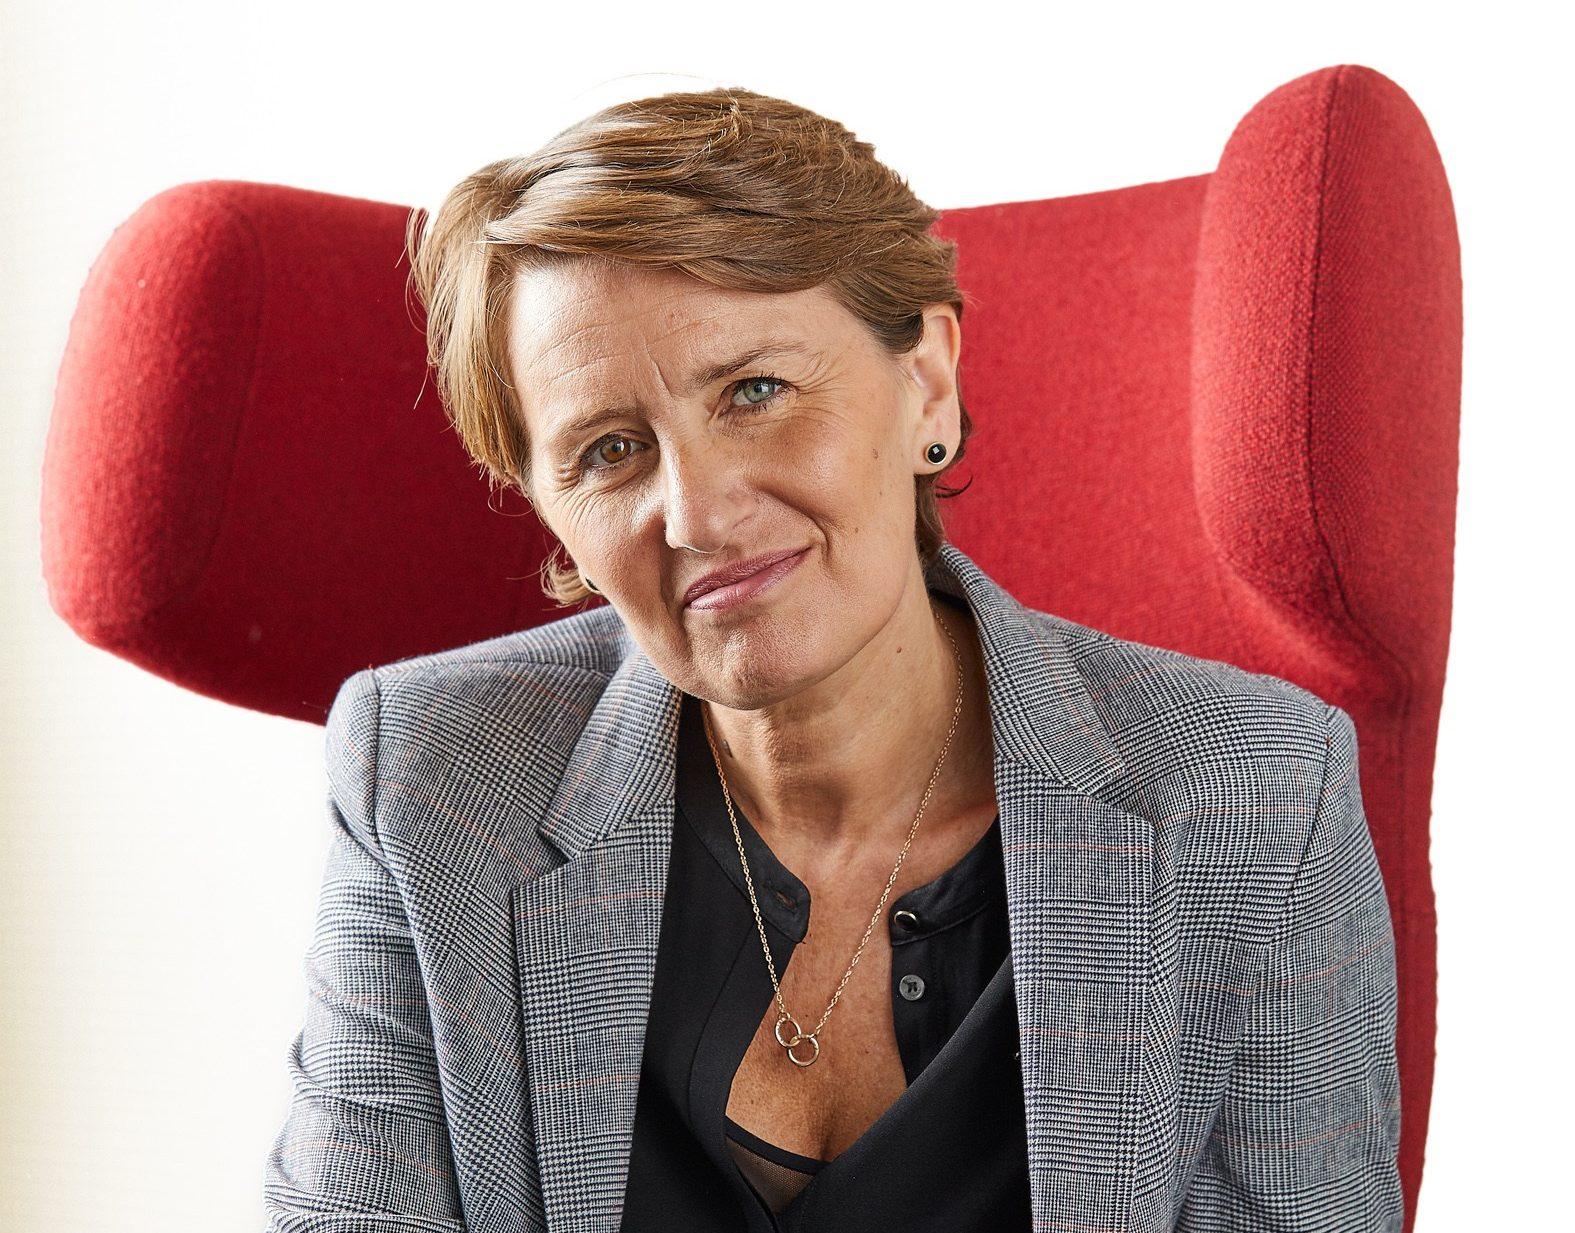 Rebecca Matthews, kommende direktør for Glasmuseet i Ebeltoft og tidligere direktør for Europæisk Kulturhovedstad Aarhus 2017, kom ved årsskiftet i VisitAarhus' bestyrelse. Foto: VisitAarhus.